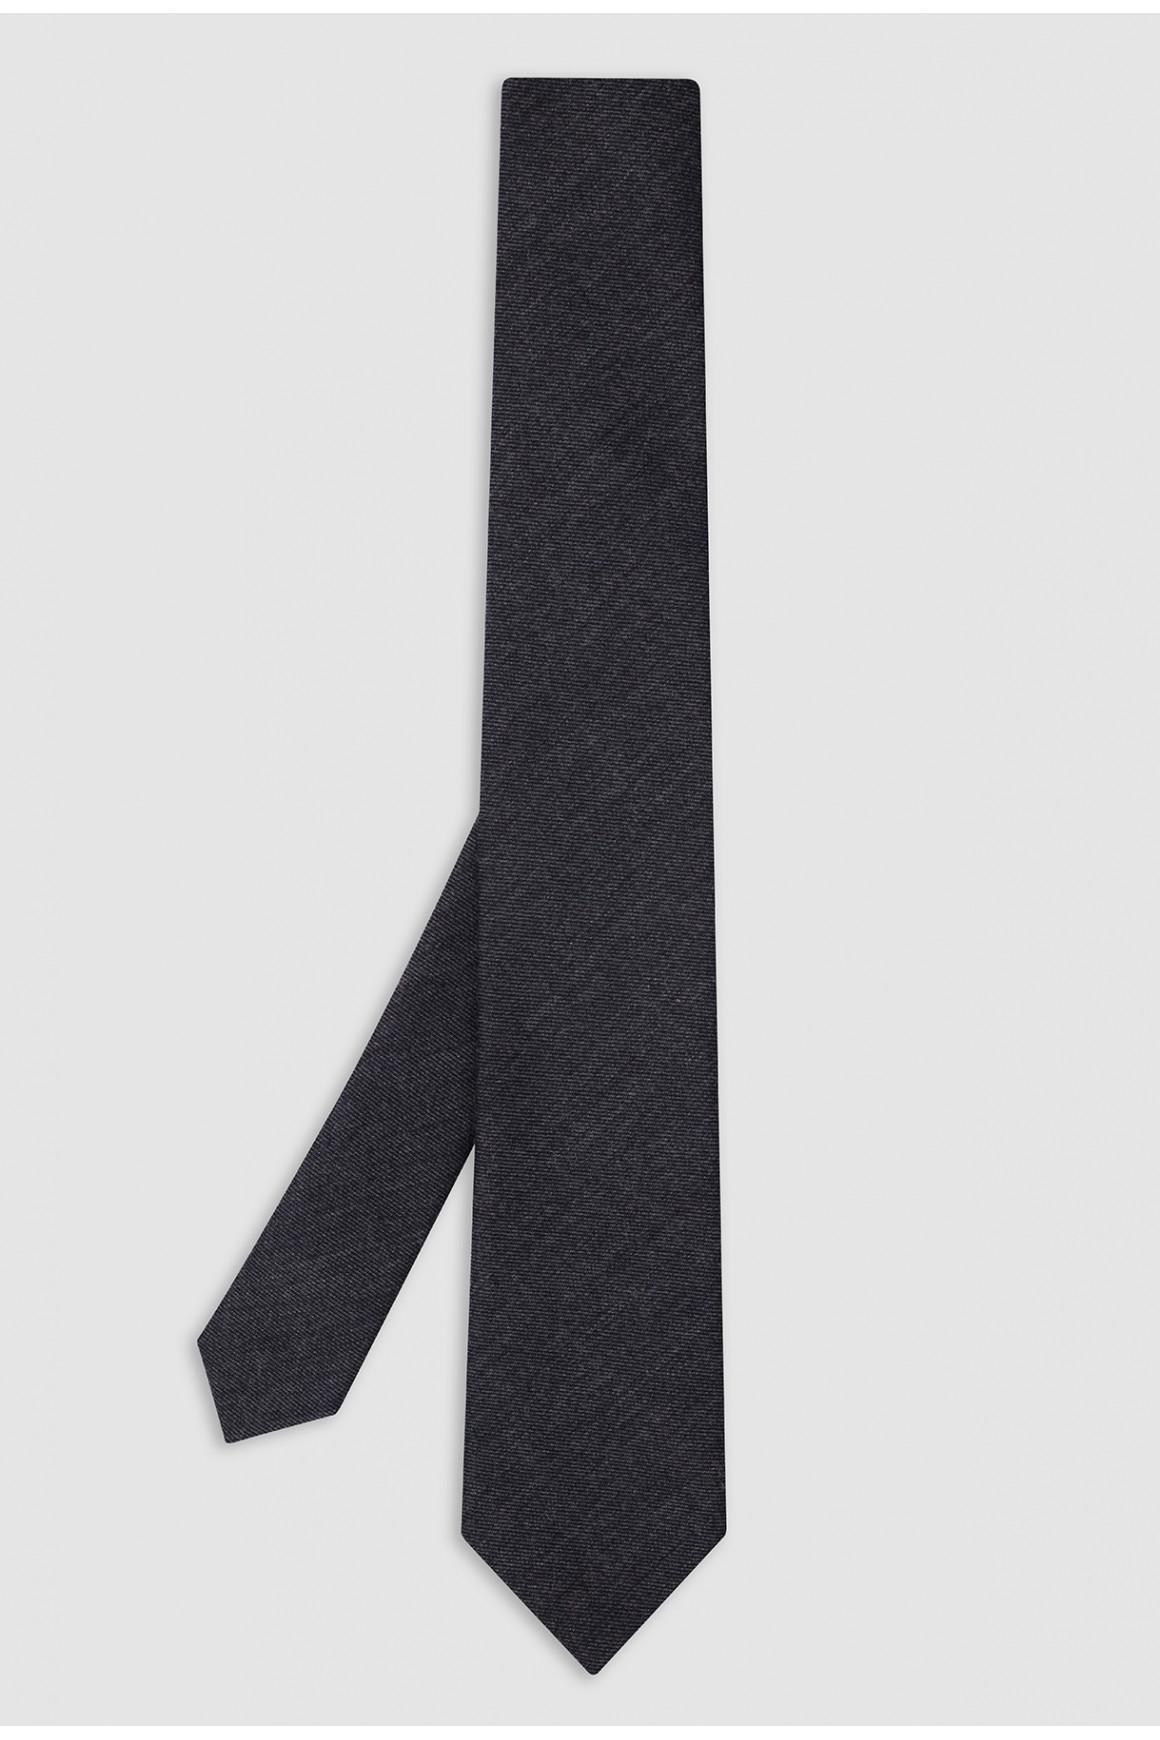 Cravate Anthracite Laine Et...